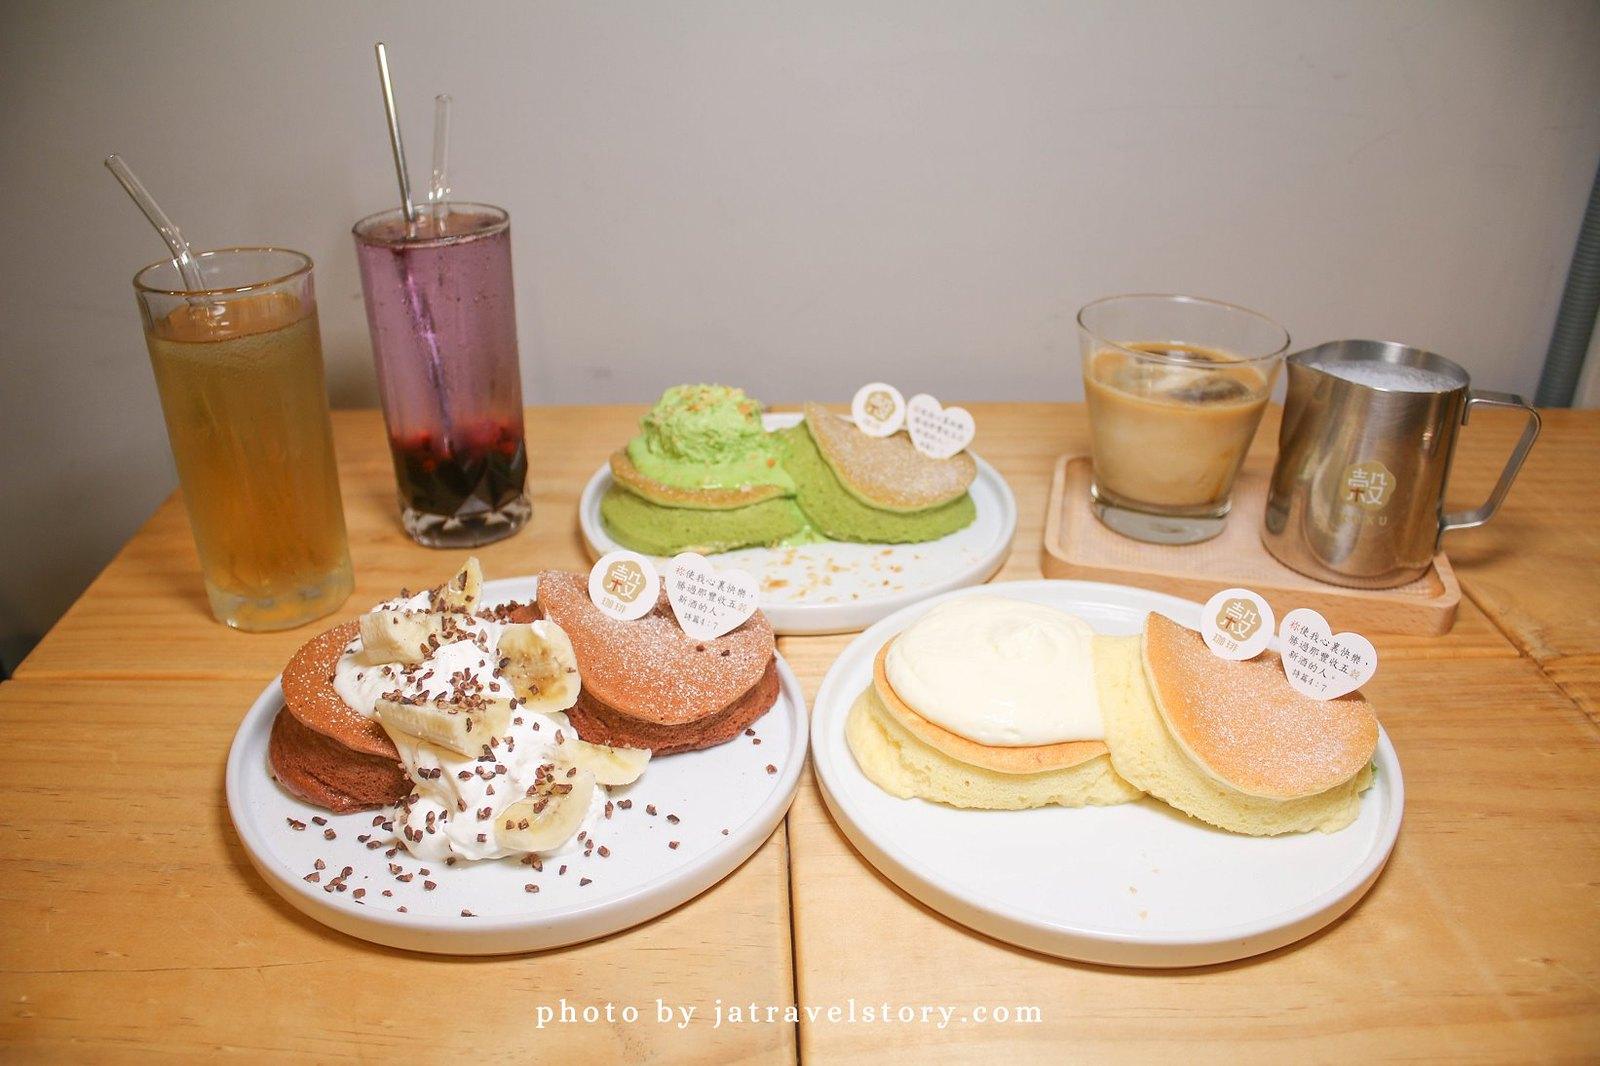 最新推播訊息:山苦瓜舒芙蕾鬆餅結合桂花蜜,甘甜清爽不苦